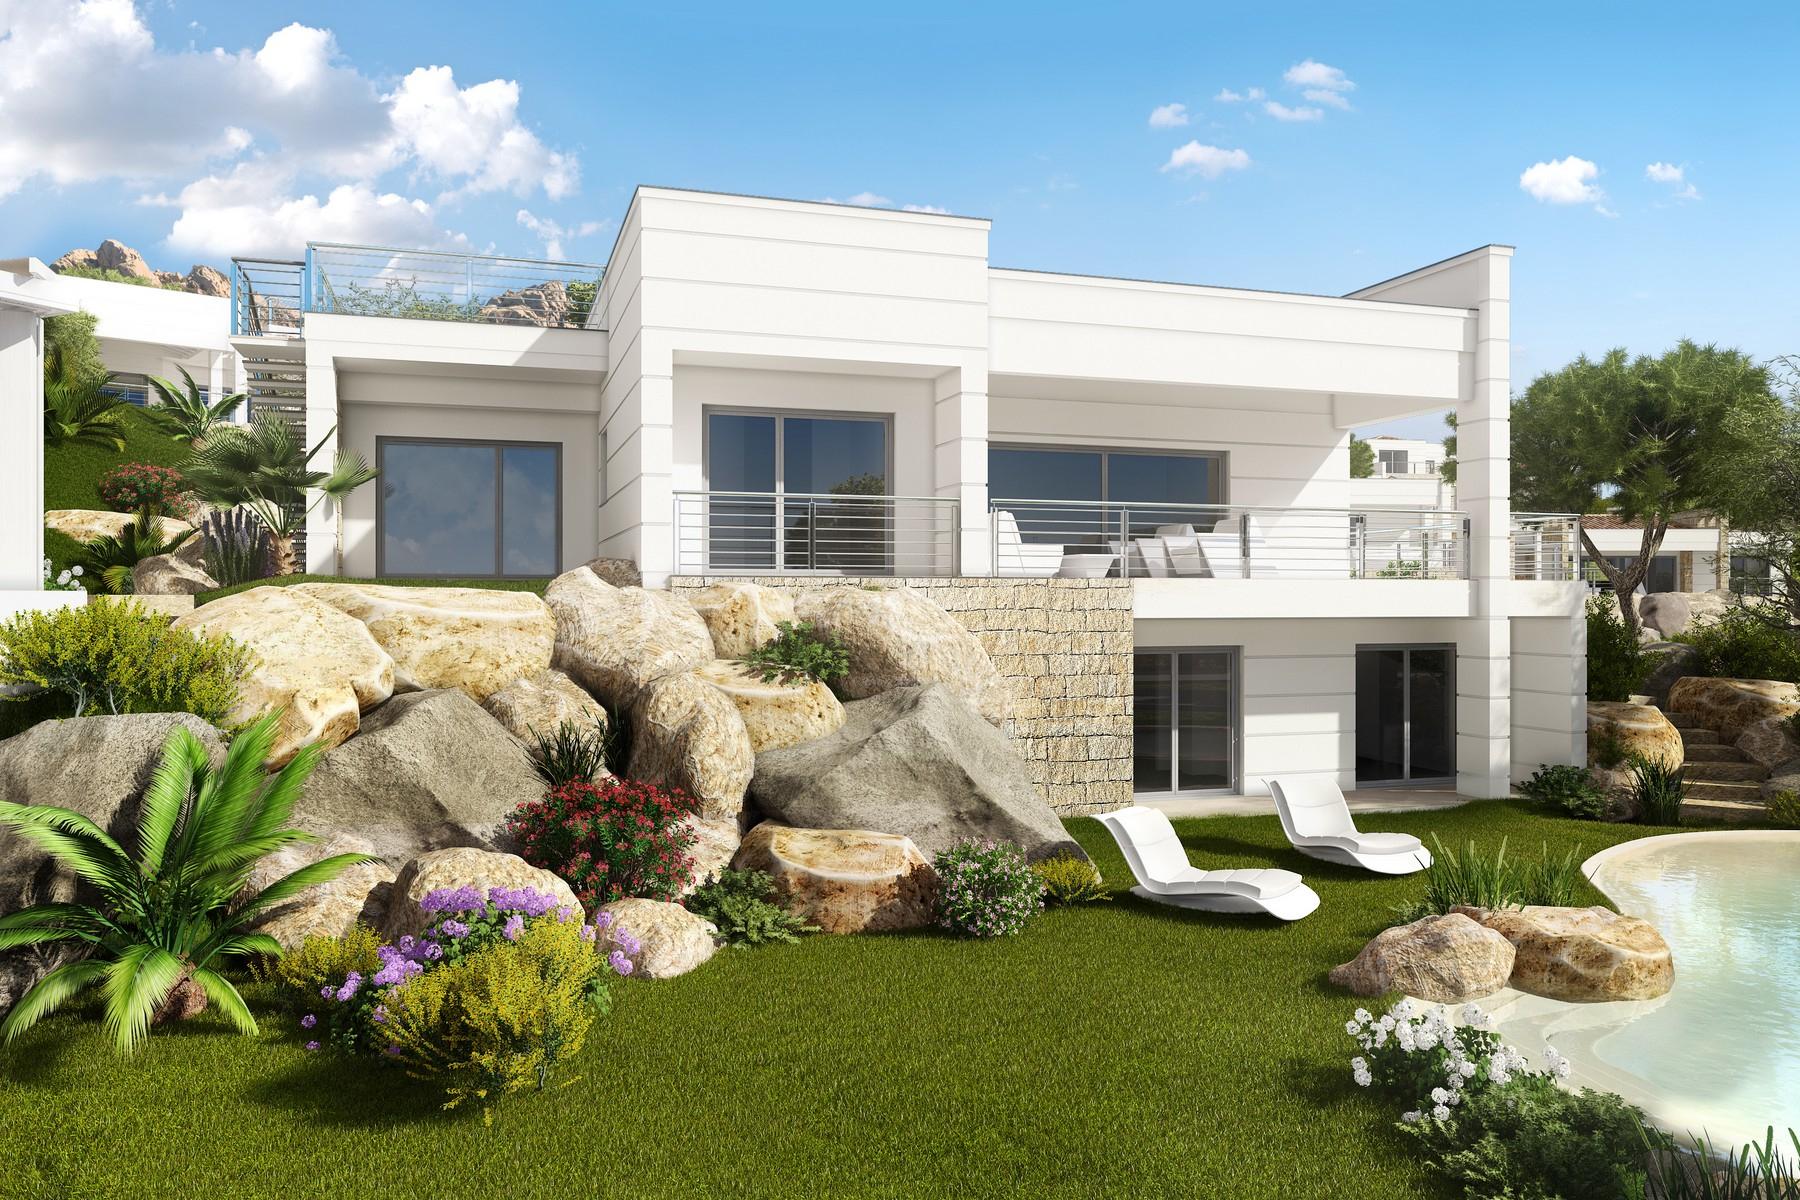 Villa in Vendita a Arzachena: 4 locali, 211 mq - Foto 2